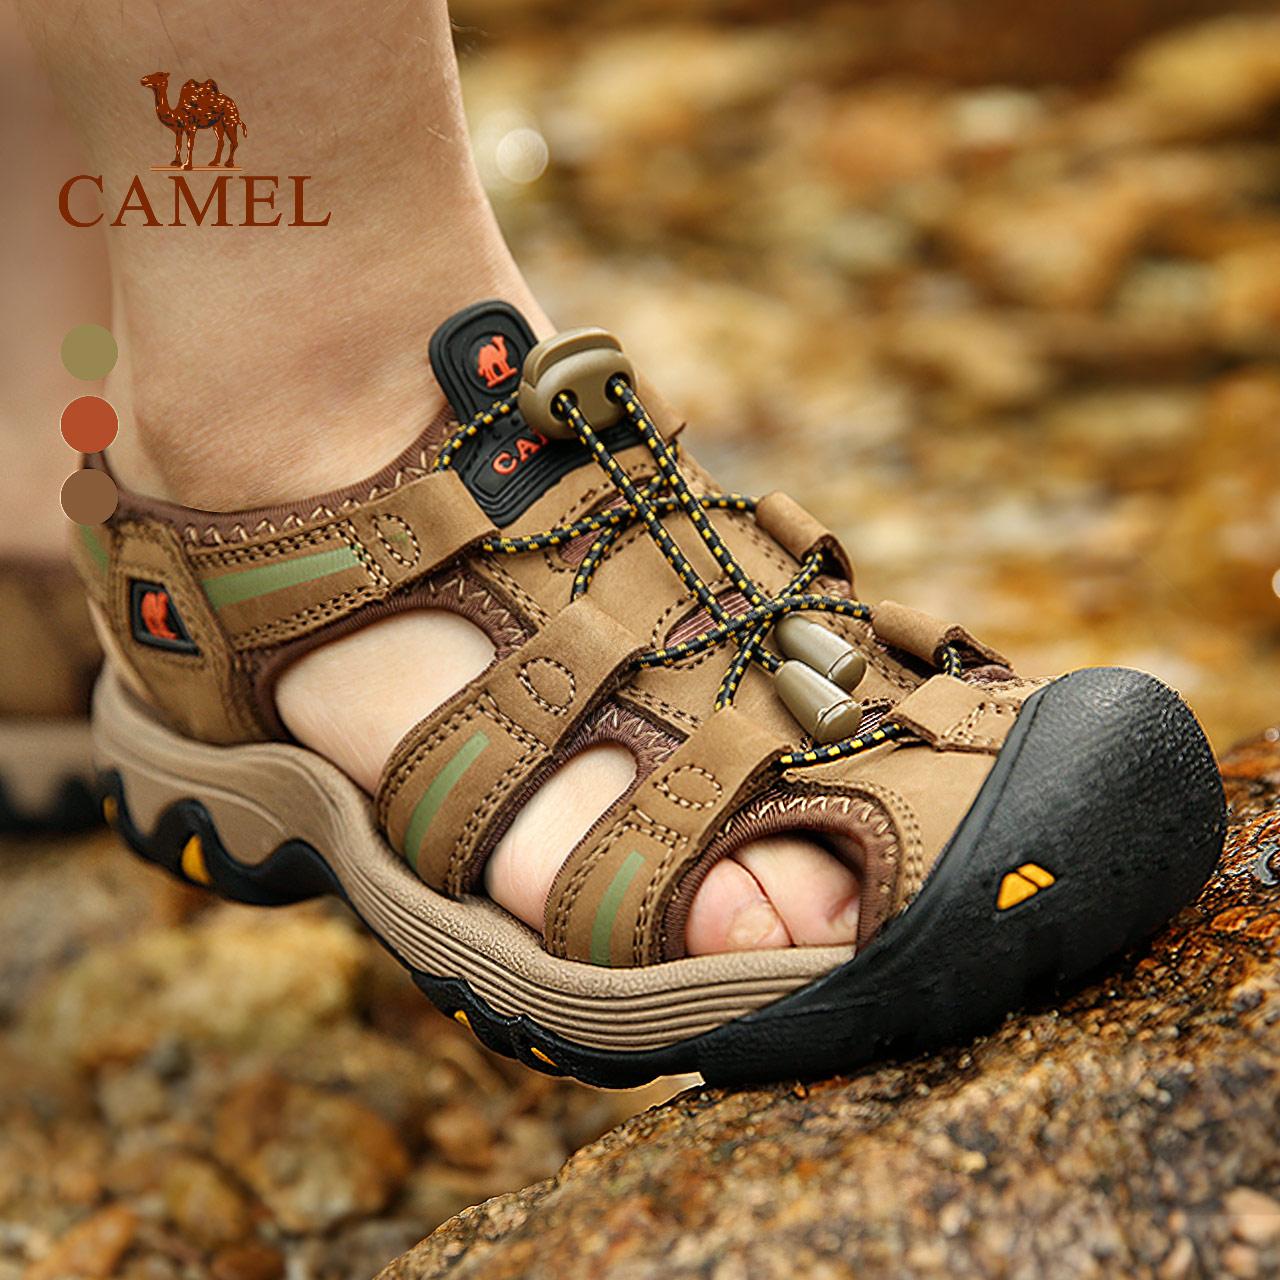 駱駝戶外沙灘鞋春夏季日常休閑涼鞋 男女款涼鞋 頭層牛皮防撞正品